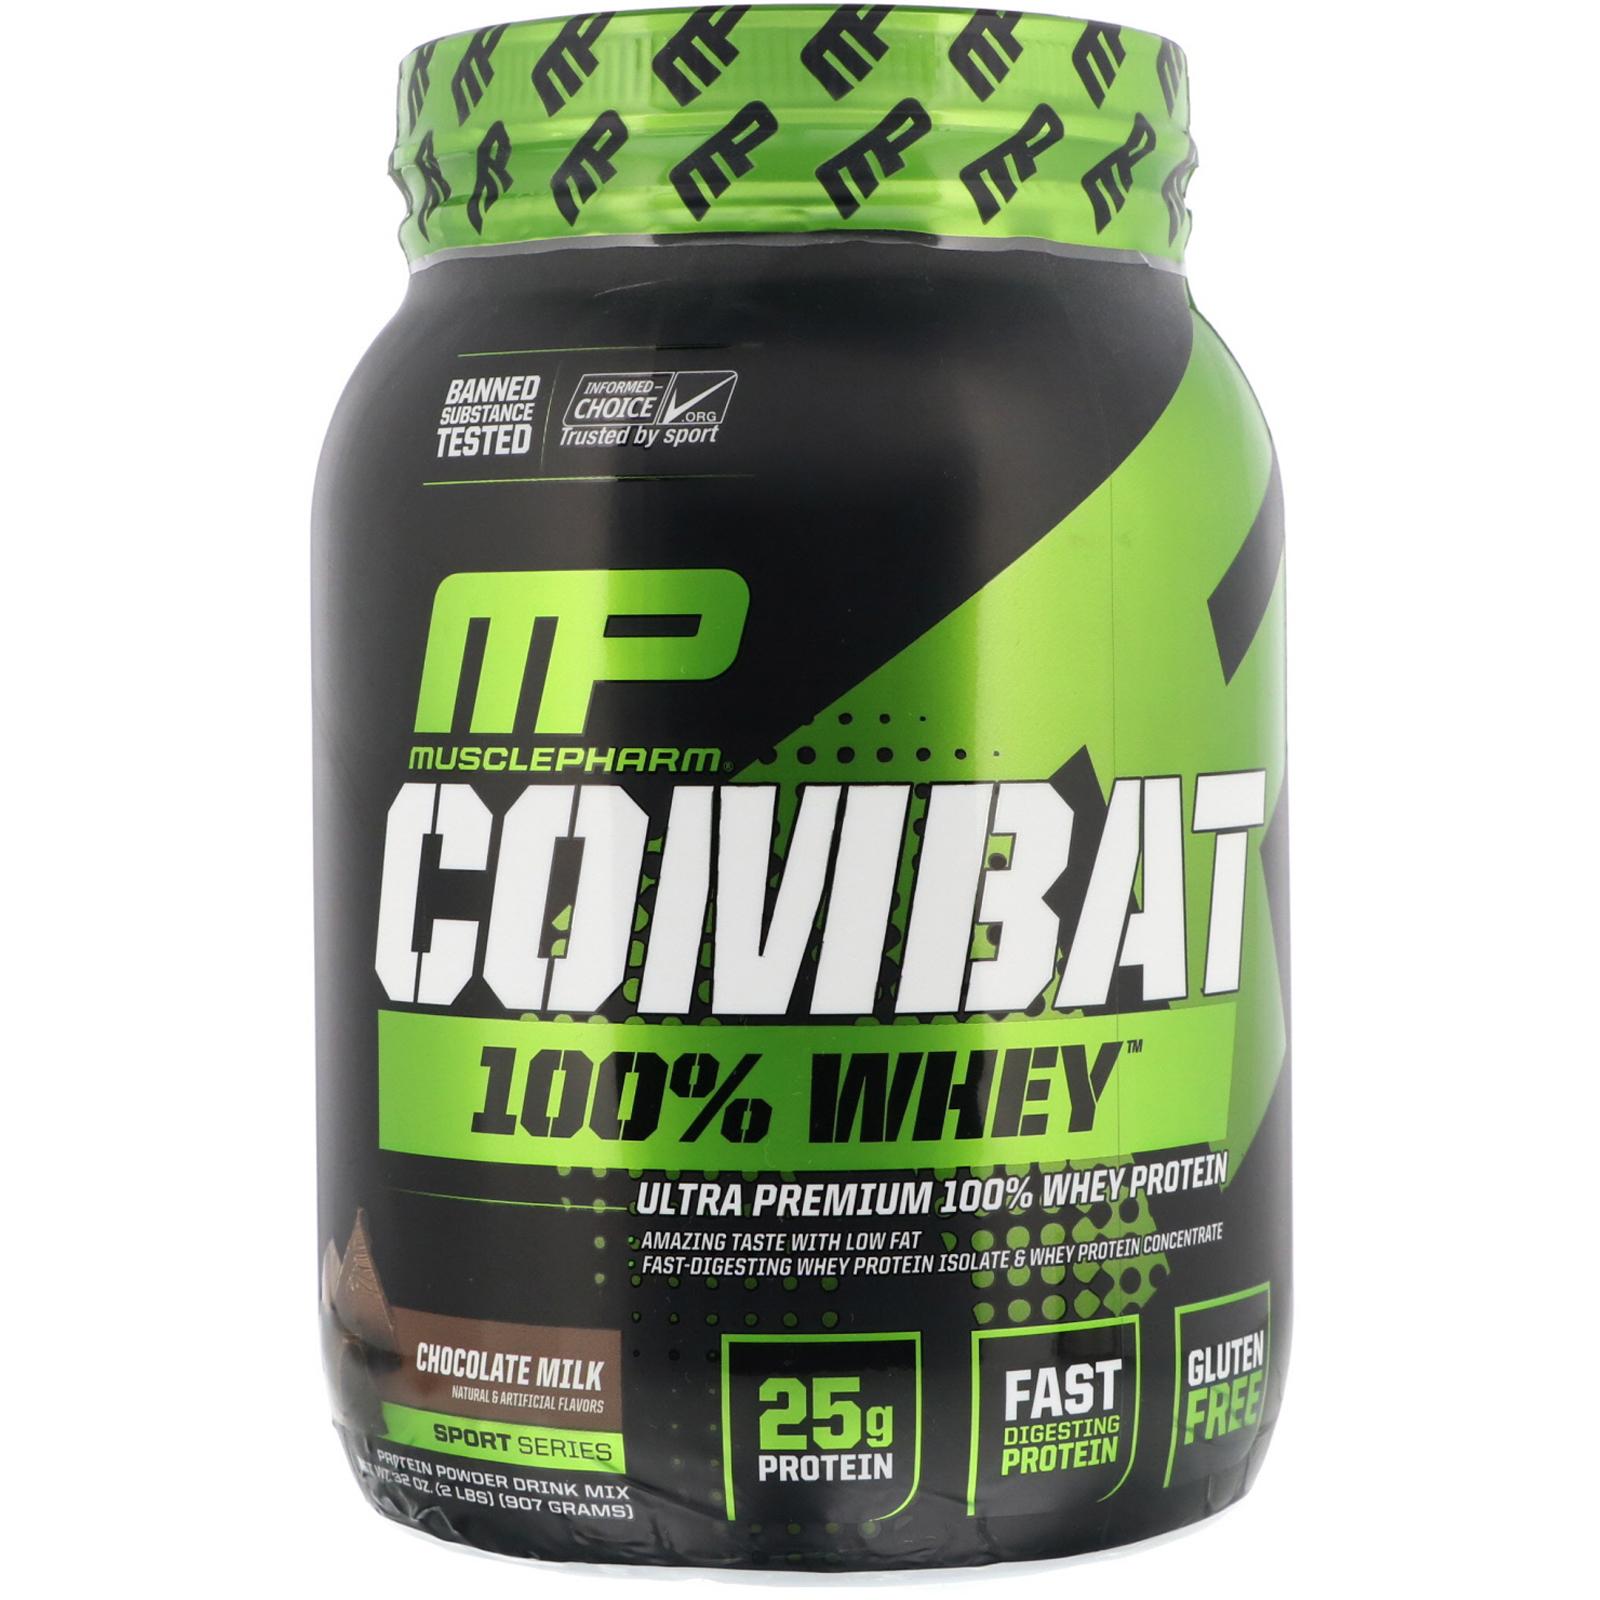 Combat Whey protein 907g سعر بروتين كومبات واي بروتين بروتين كومبات للتنشيف بروتين كومبات ماس Muscle pharm فوائد بروتين كومبات لزيادة الوزن